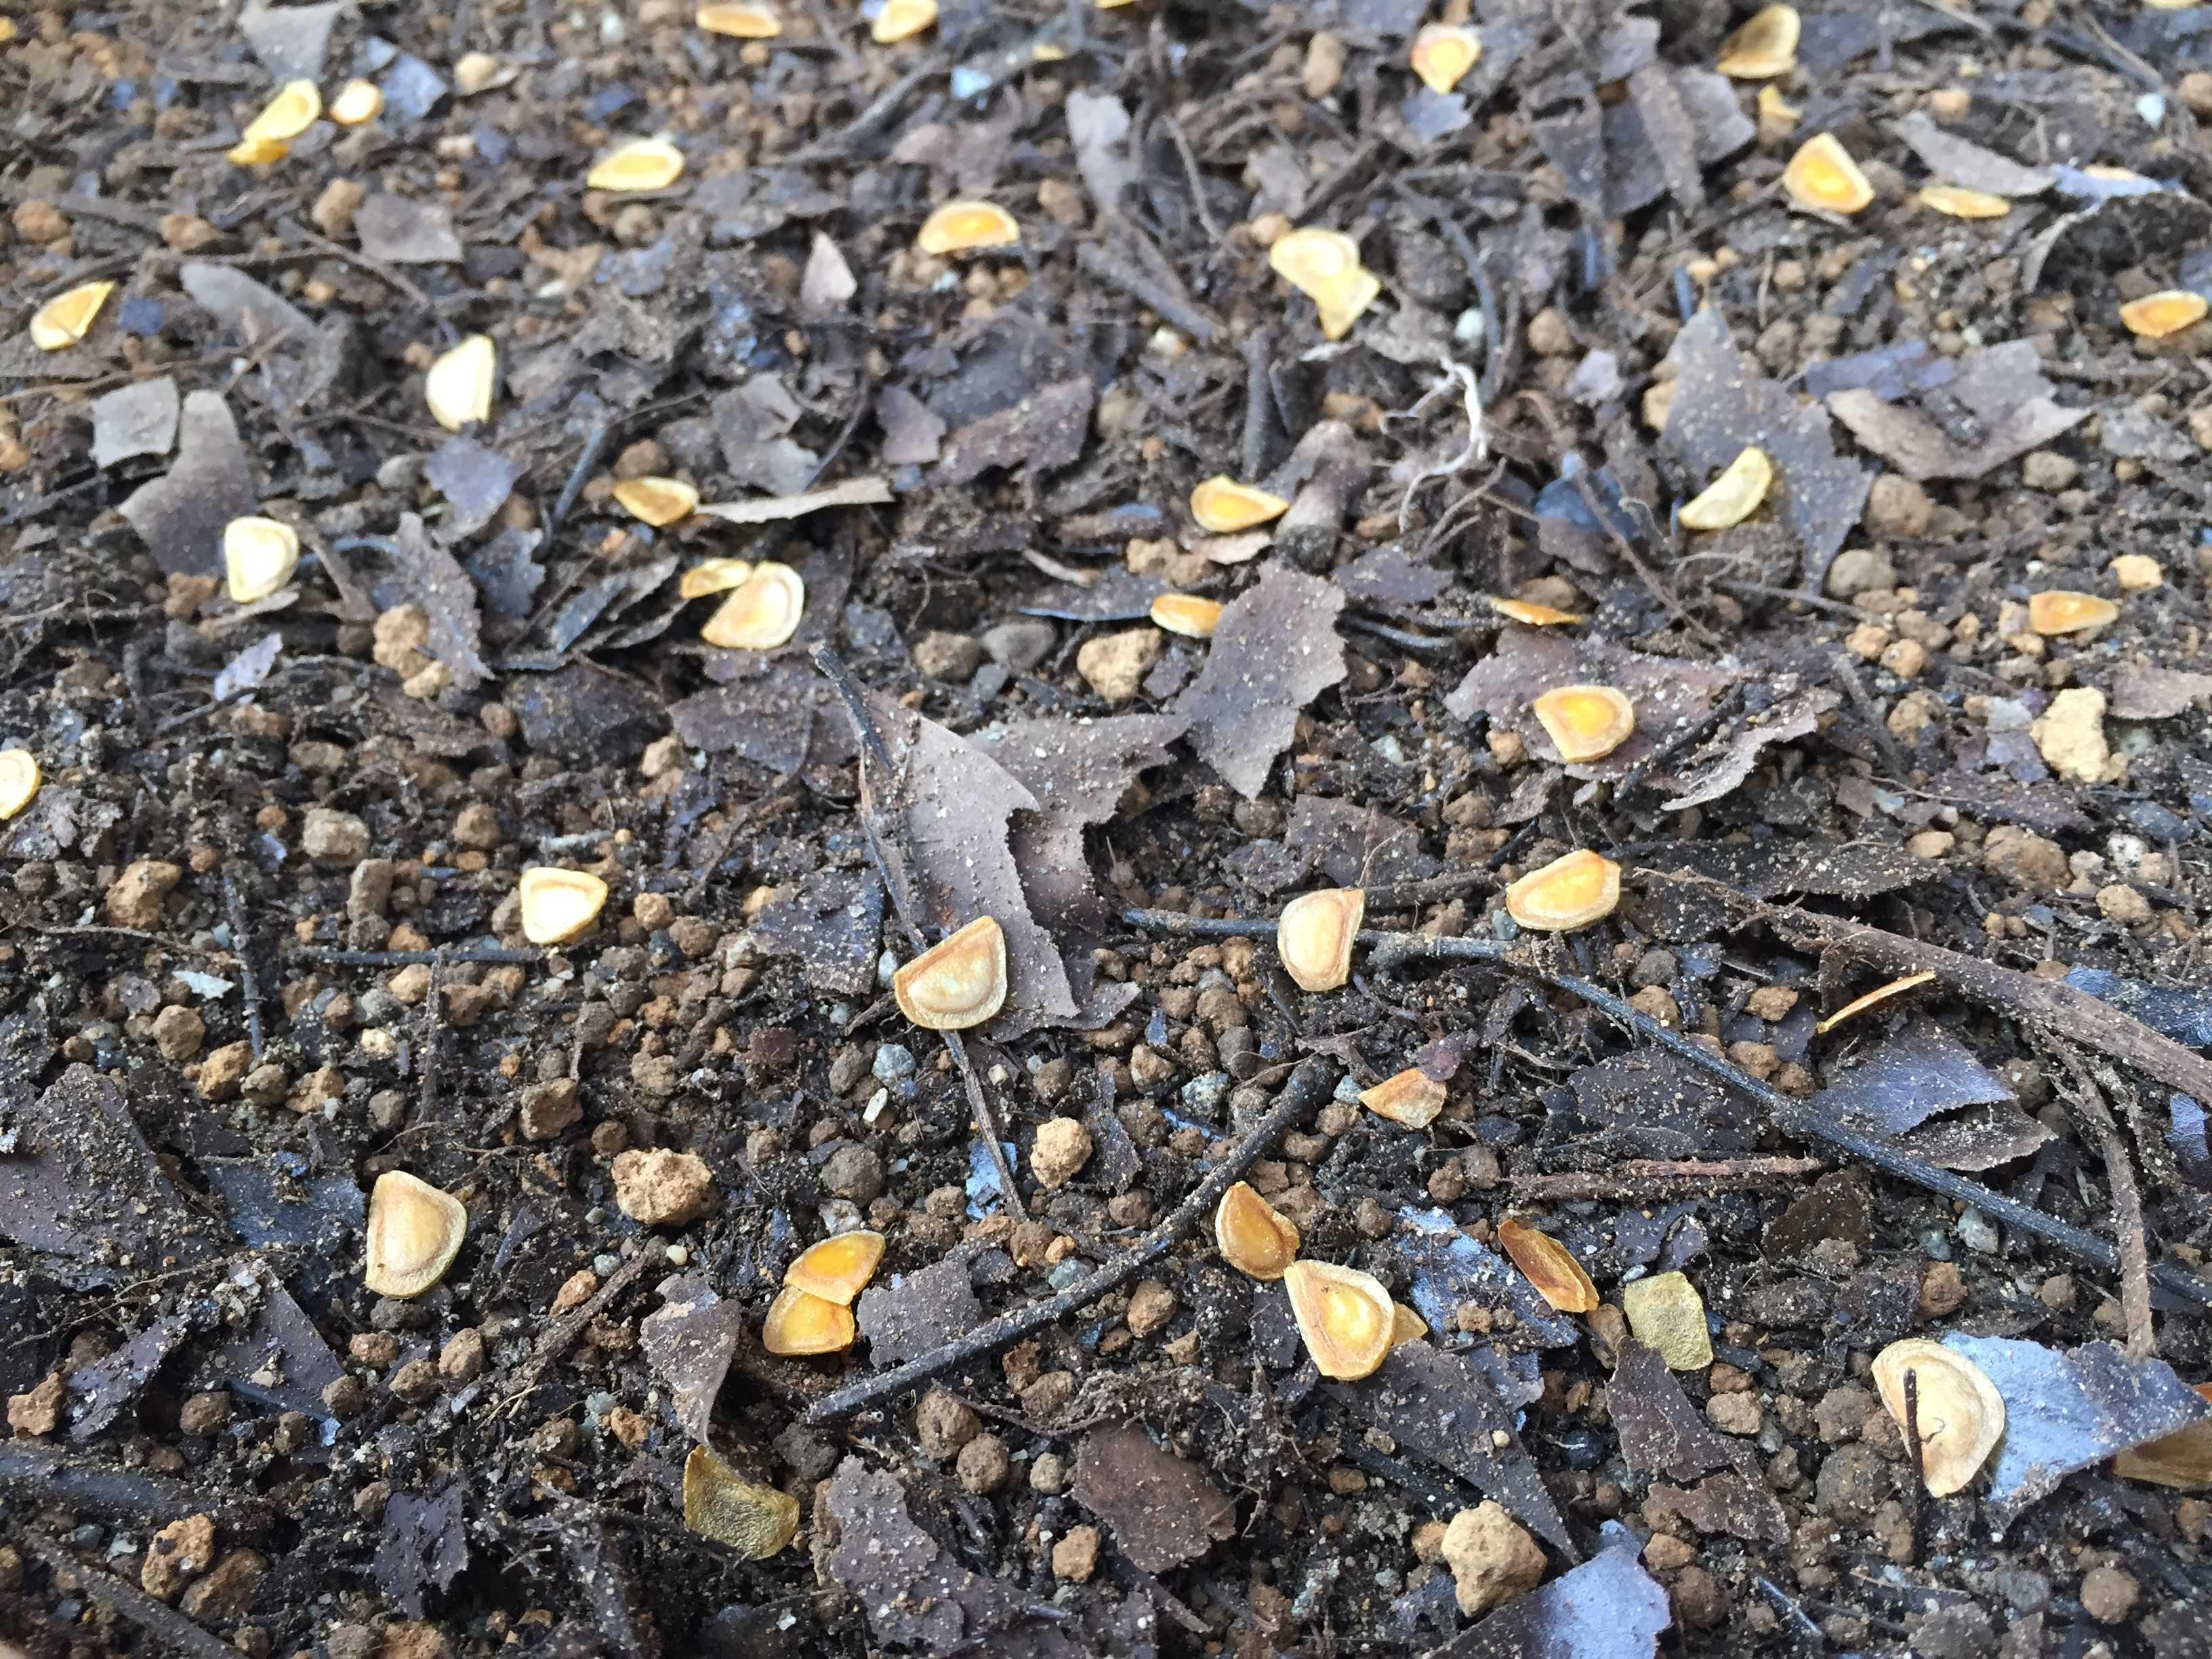 ヤマユリの種子繁殖/実生 - 播かれたヤマユリの種子